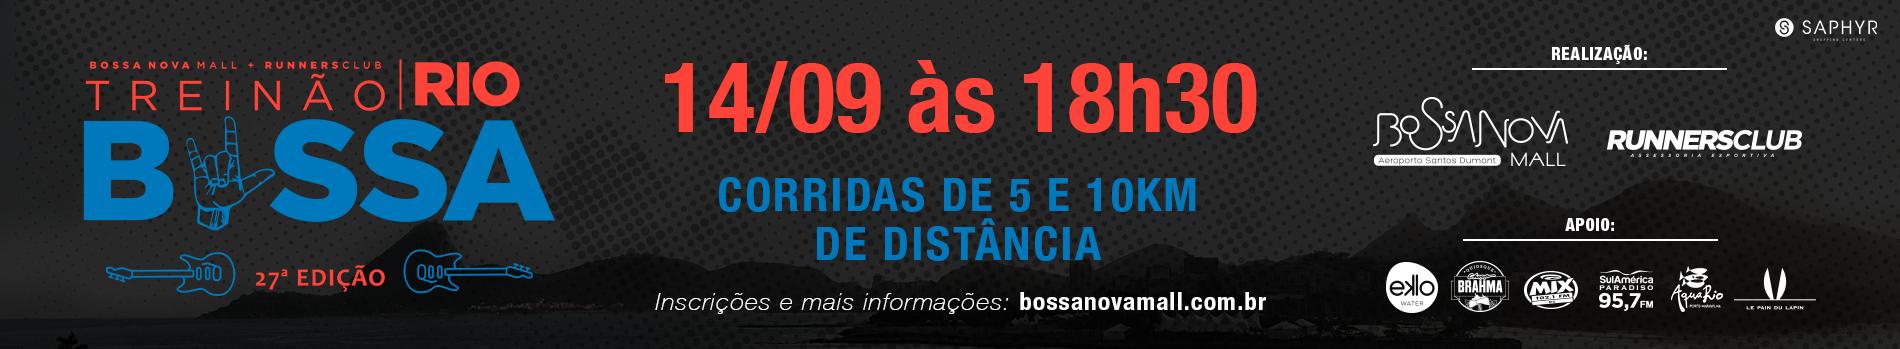 TREINÃO BOSSA - EDIÇÃO ESPECIAL ROCK